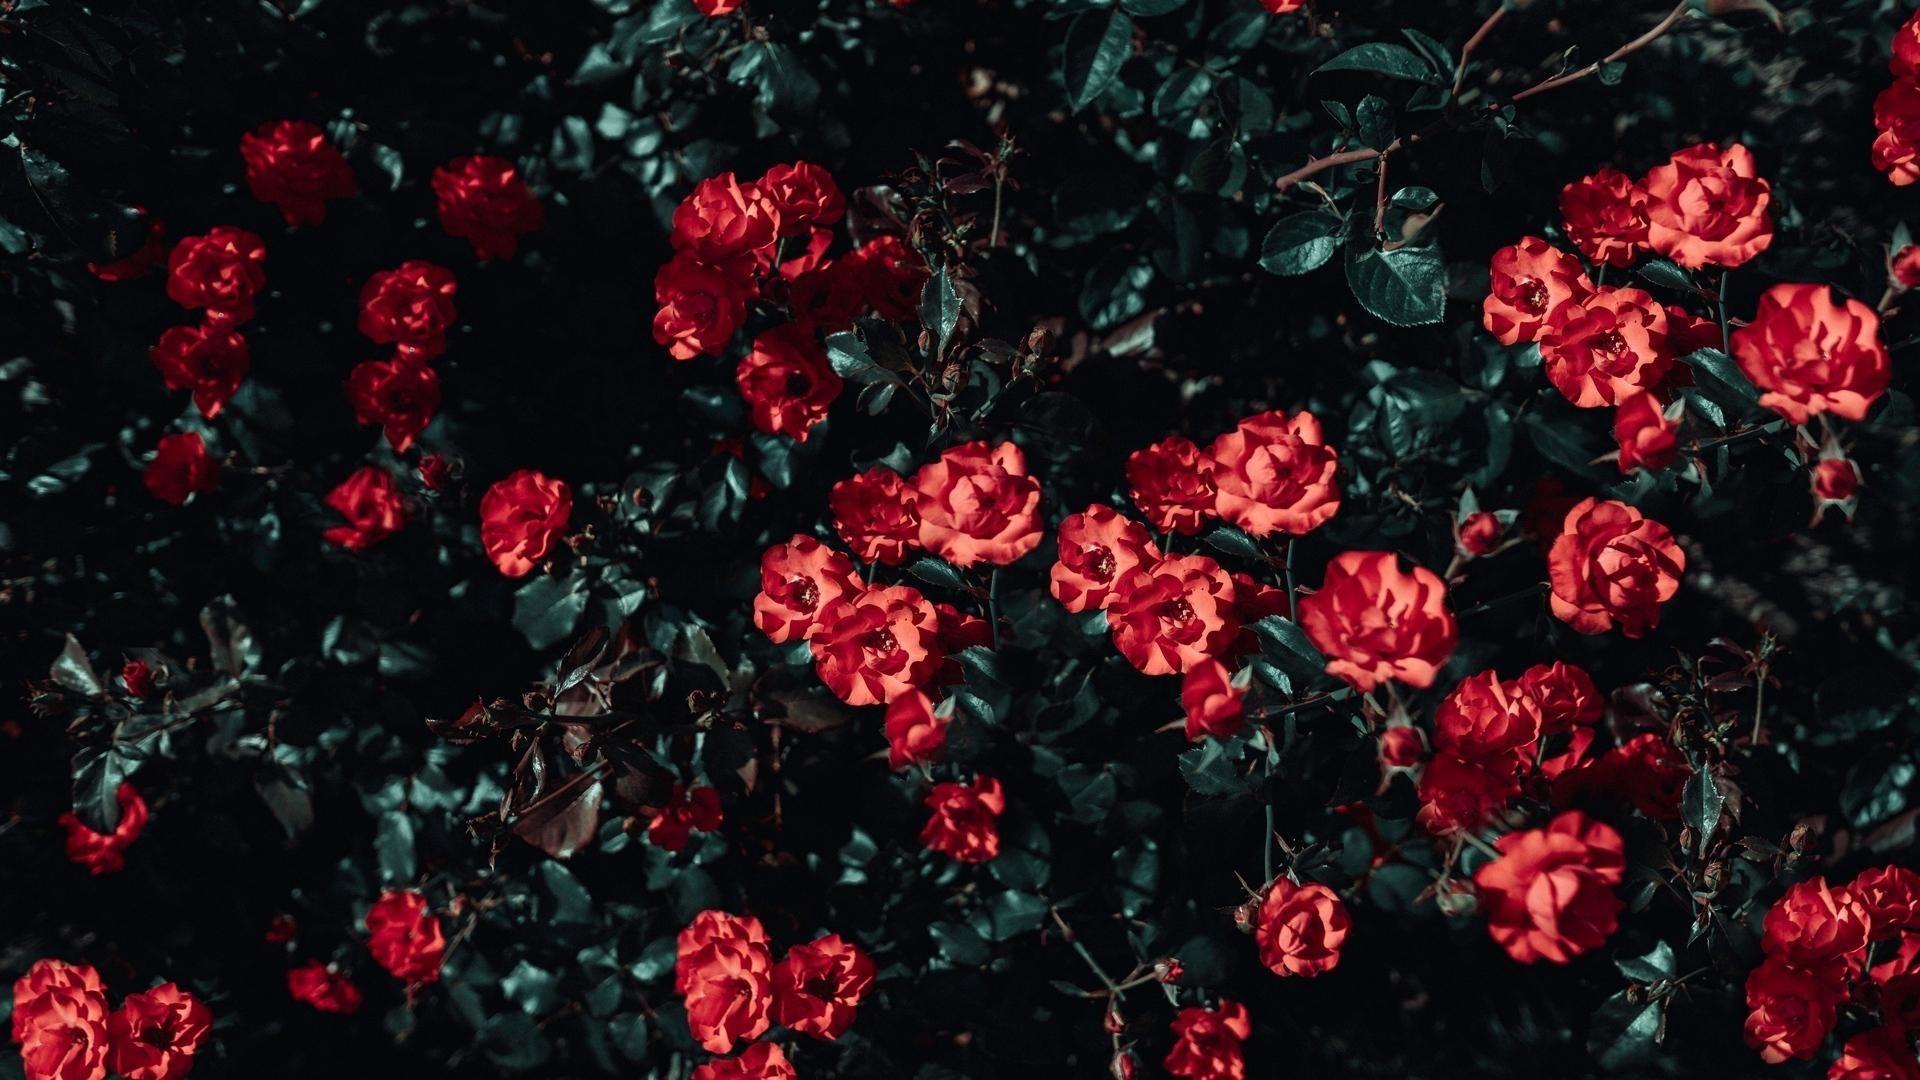 Aesthetic Flower Image